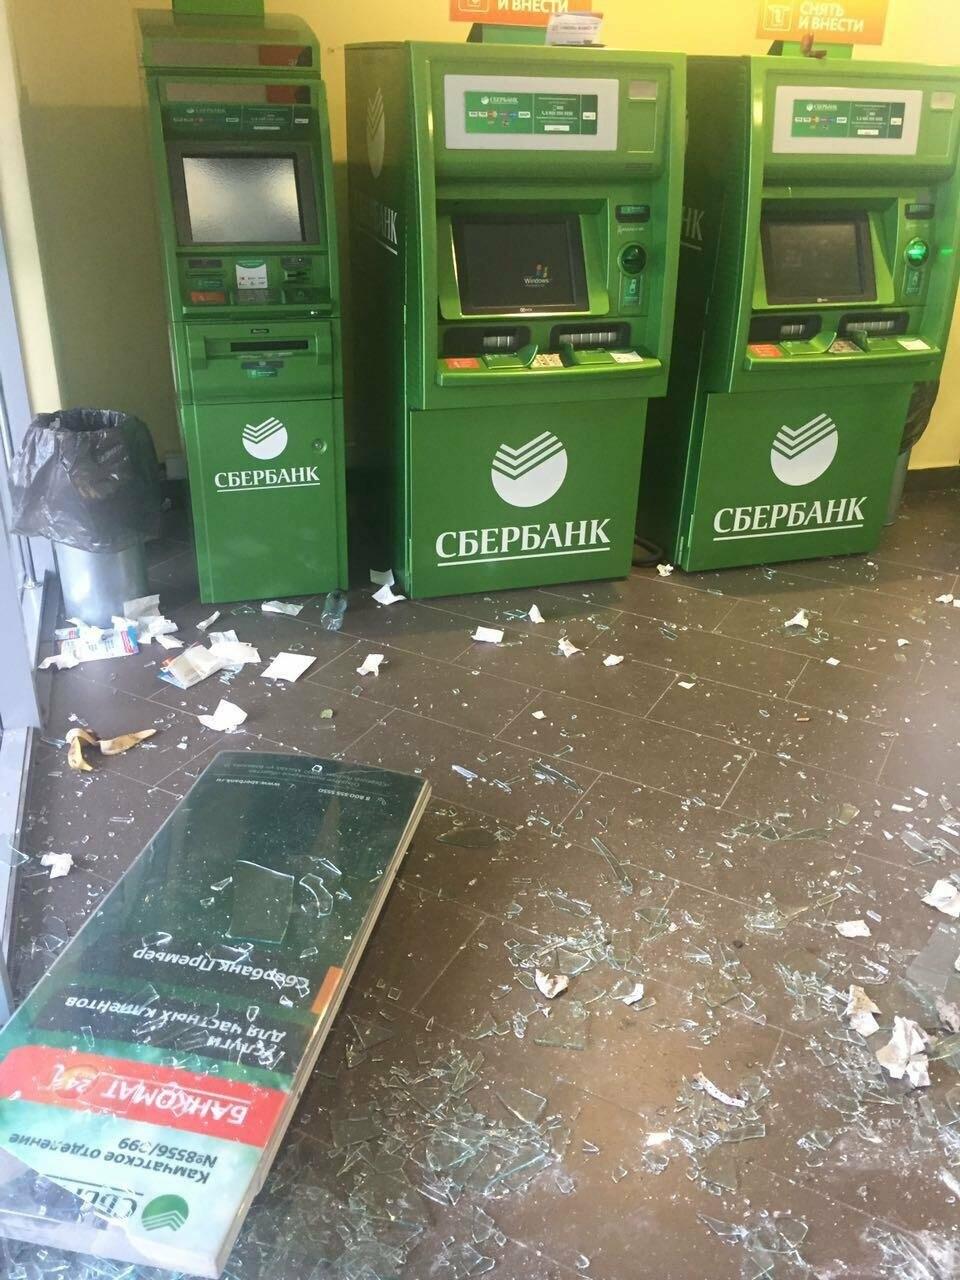 Пьяный мужчина урной разбил витрины отделения Сбербанка на Садовой, фото-4